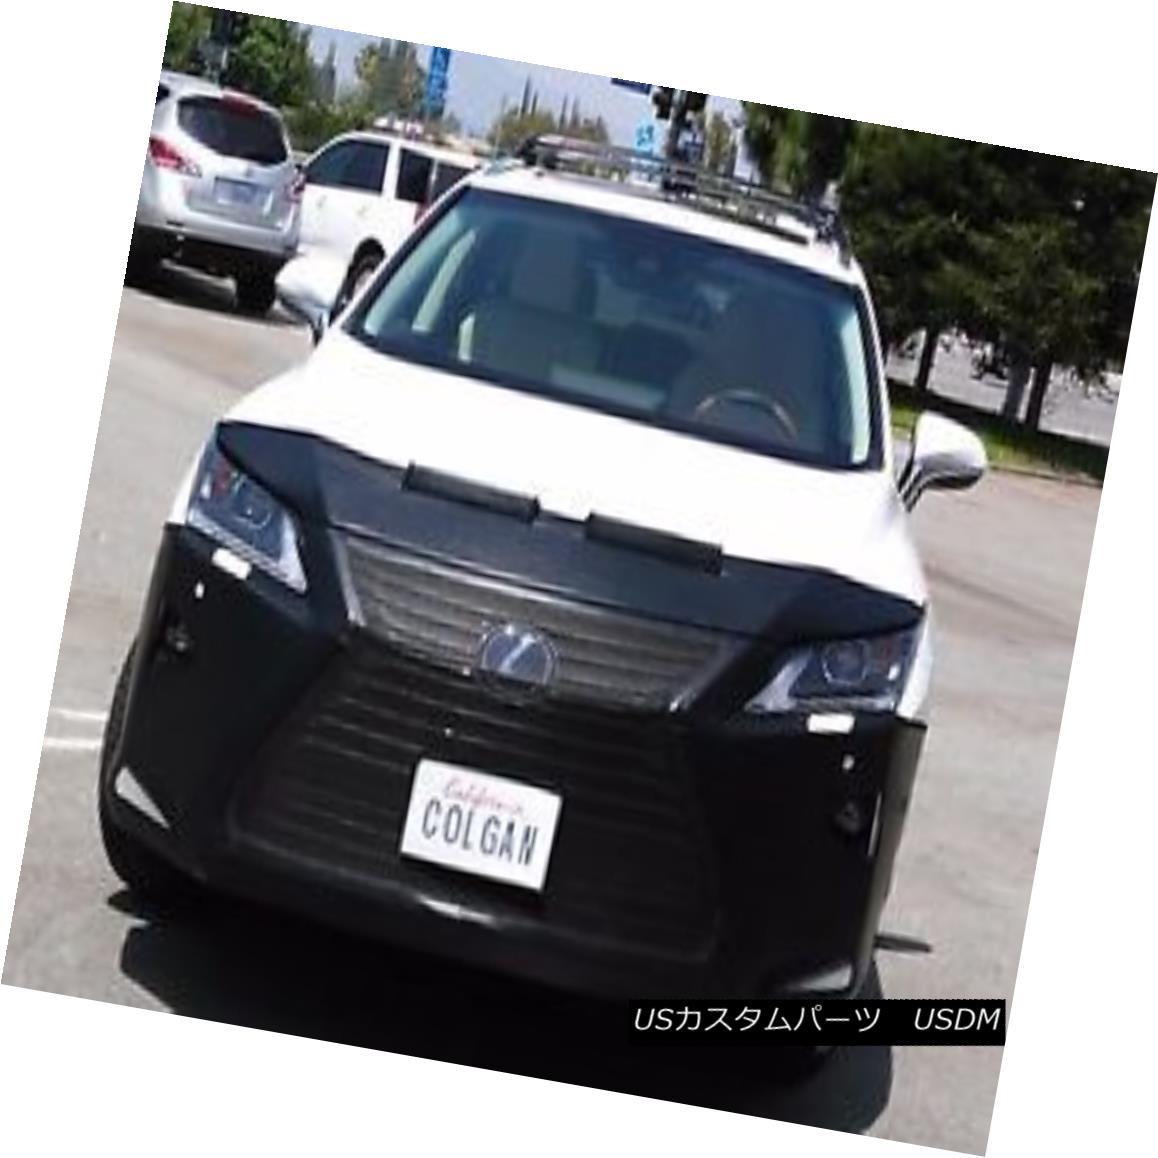 Colgan Front End Mask Bra 2pc Fits 13-15 Lexus RX350 RX450H W//License.W//SENSR